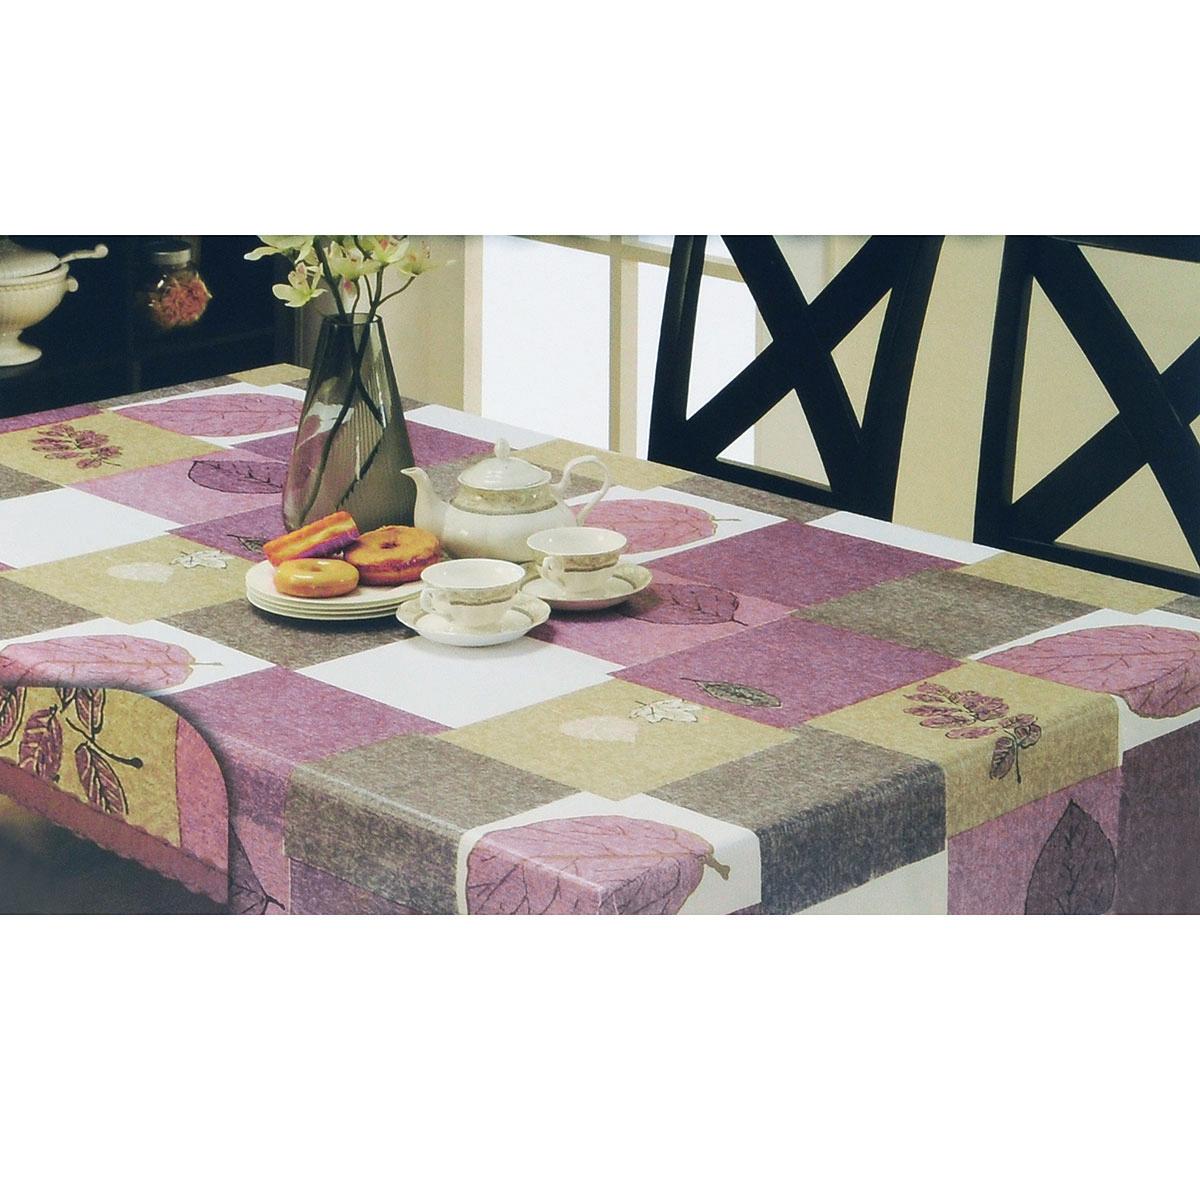 Скатерть White Fox Лист, квадратная, цвет: сиреневый, серый, 152 x 152 смWКTC72-262Квадратная скатерть White Fox Лист, выполненная из ПВХ с основой из флиса, предназначена для защиты стола от царапин, пятен и крошек. Край скатерти обработан строчкой. Скатерть оформлена изображением листочков, а рифлёная поверхность формирует приятные тактильные ощущения, при этом частички пищи удаляются с легкостью и поверхность остается всегда чистой. Скатерть термостойкая, выдерживает температуру до +70 °C. Скатерть White Fox проста в уходе - её можно протирать любыми моющими средствами при необходимости. Скатерть упакована в виниловый пакет с внутренним цветным вкладышем и подвесом в виде крючка.